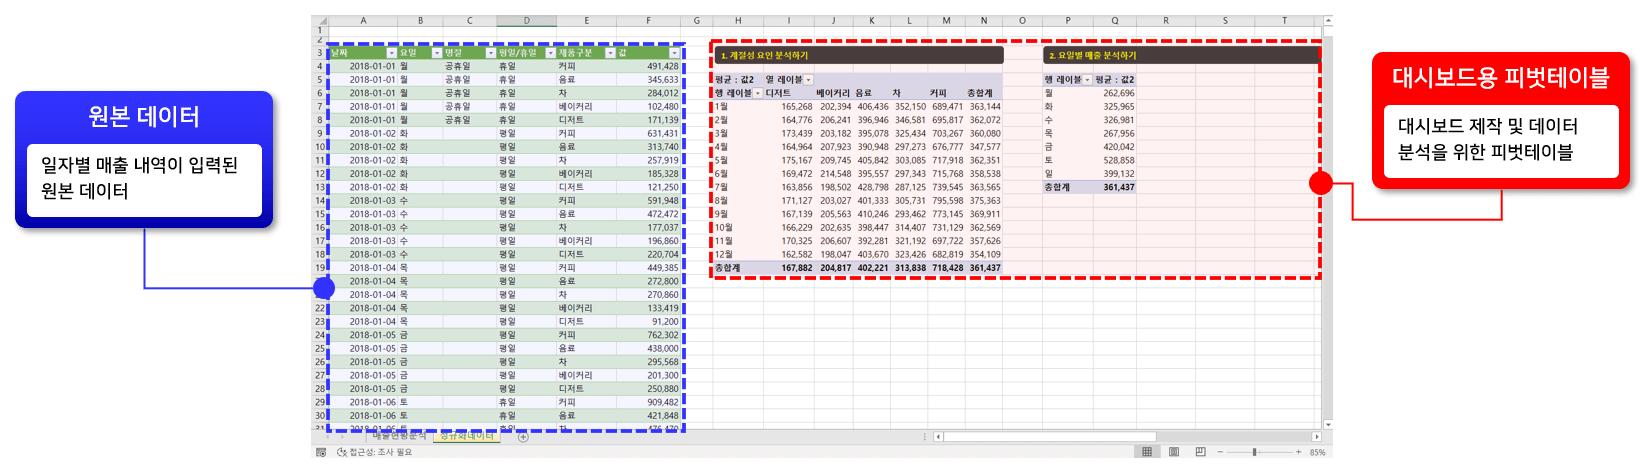 엑셀 매출 분석 대비소드 구성 원본 데이터